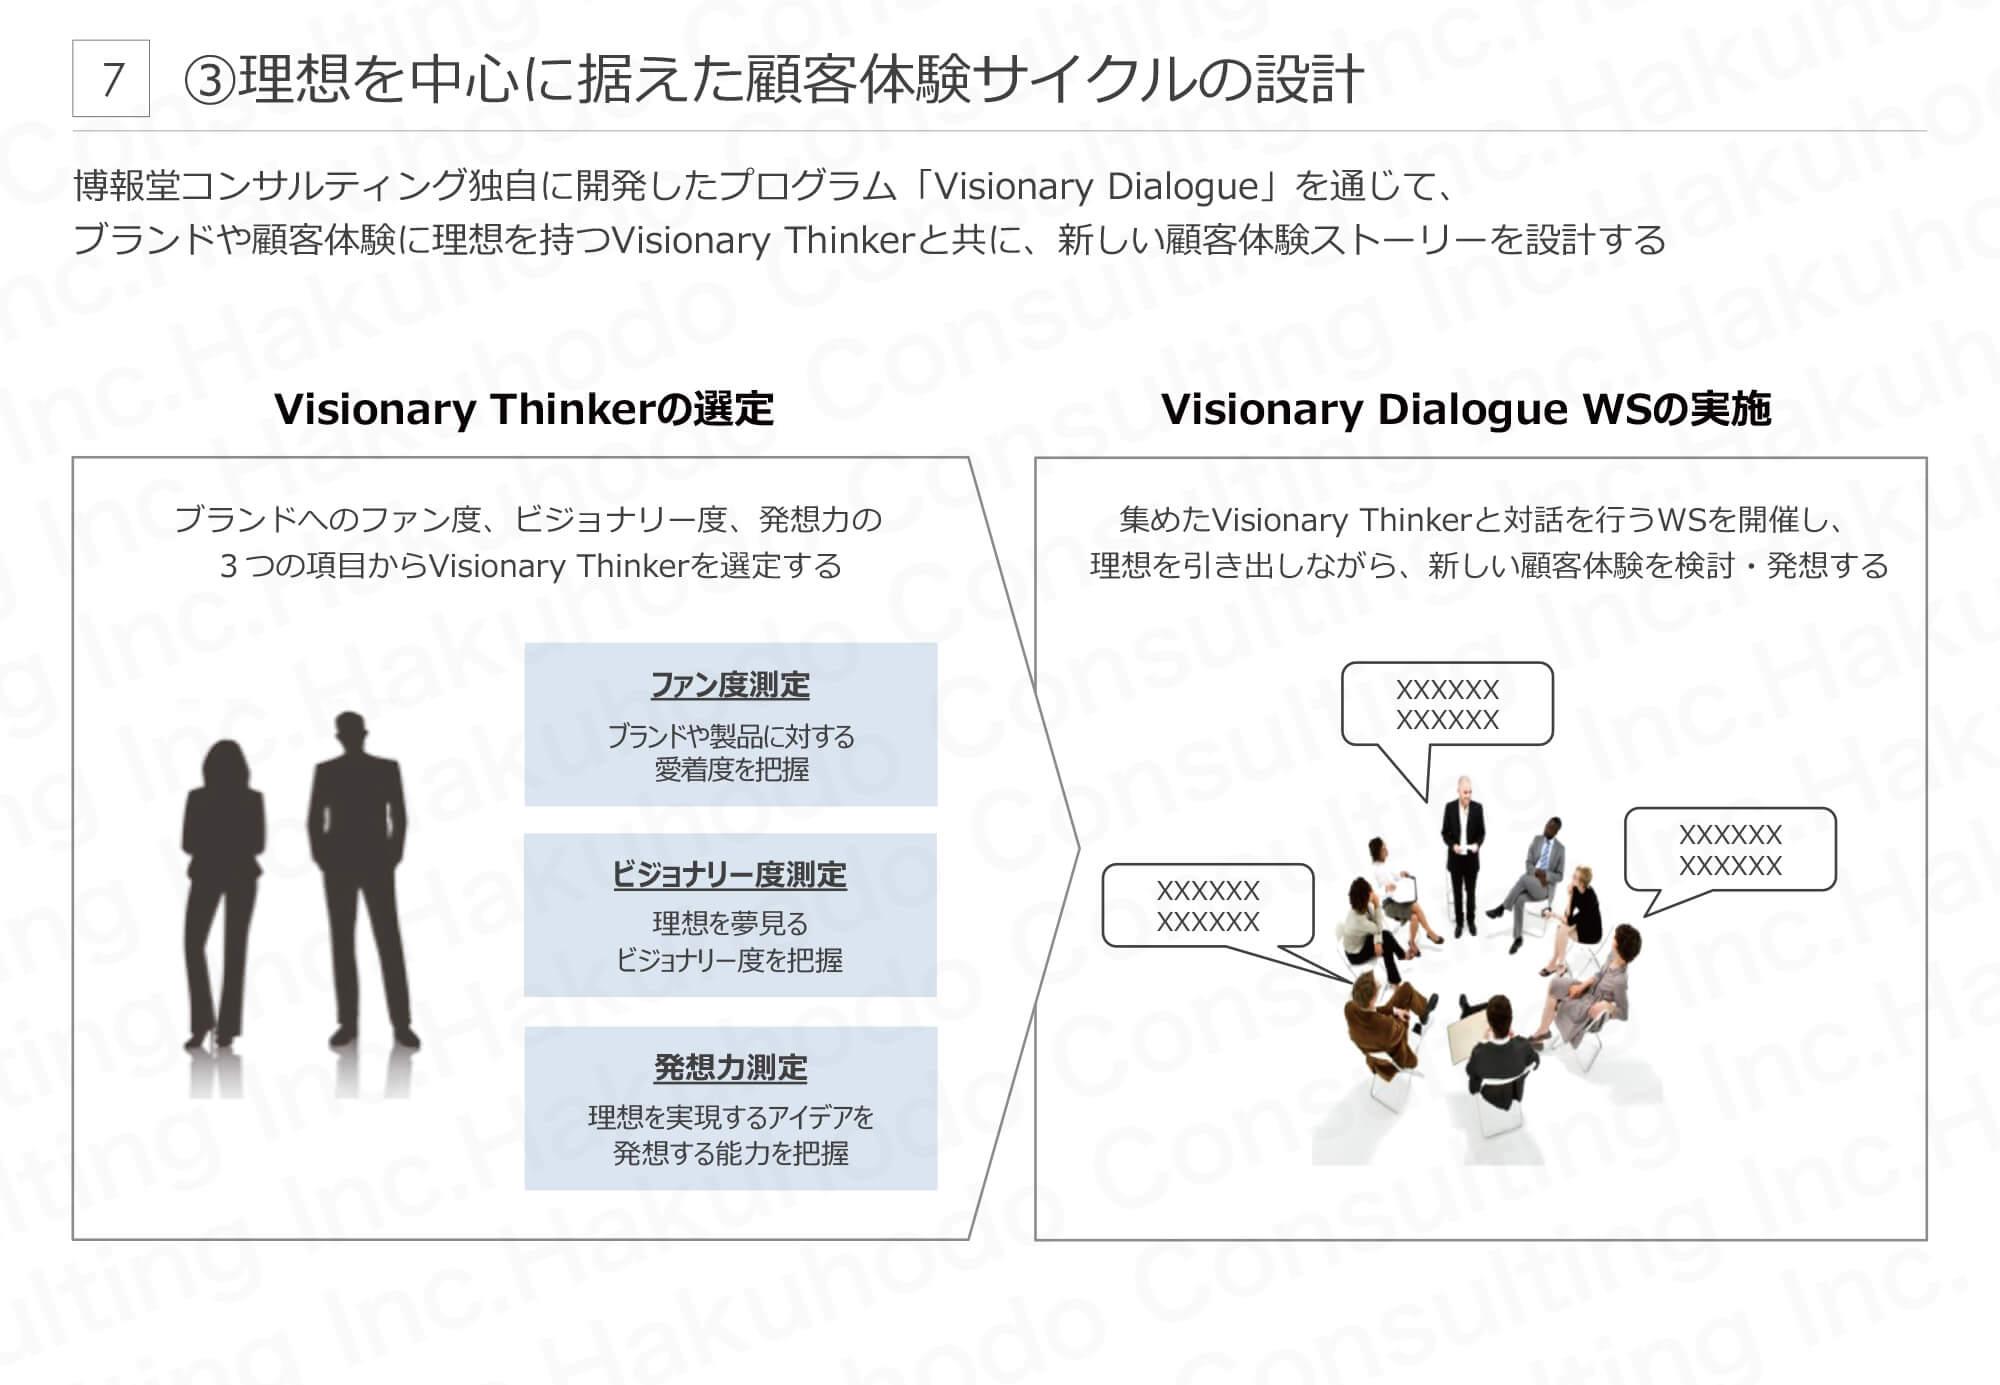 理想を中心に据えた顧客体験サイクルの設計